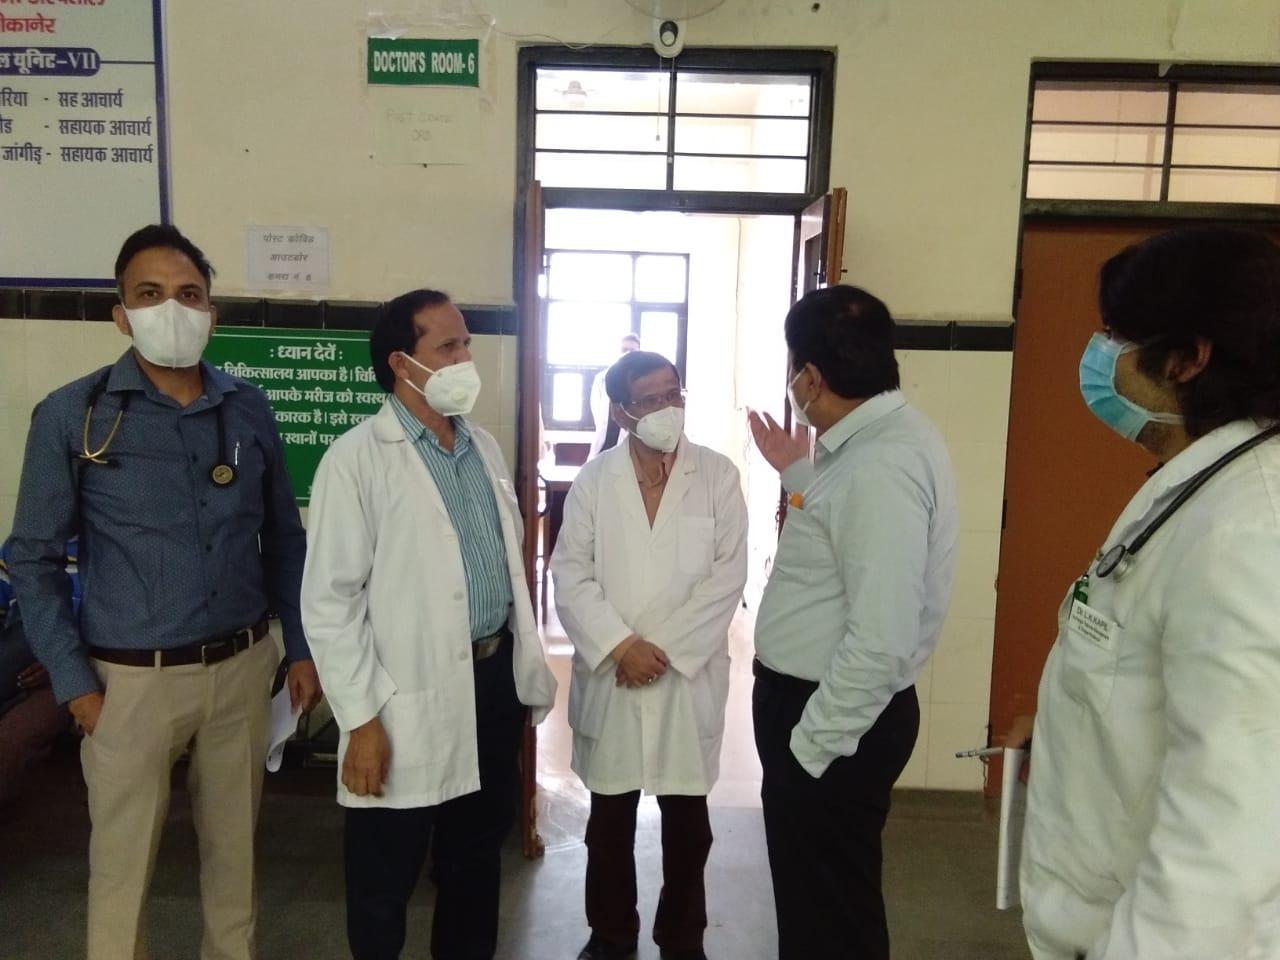 बीकानेर में कोरोना वैक्सीन के लिए चिकित्सा विभाग की सूची तैयार, मुख्यालय को भेजी रिपोर्ट बीकानेर,Bikaner - Dainik Bhaskar